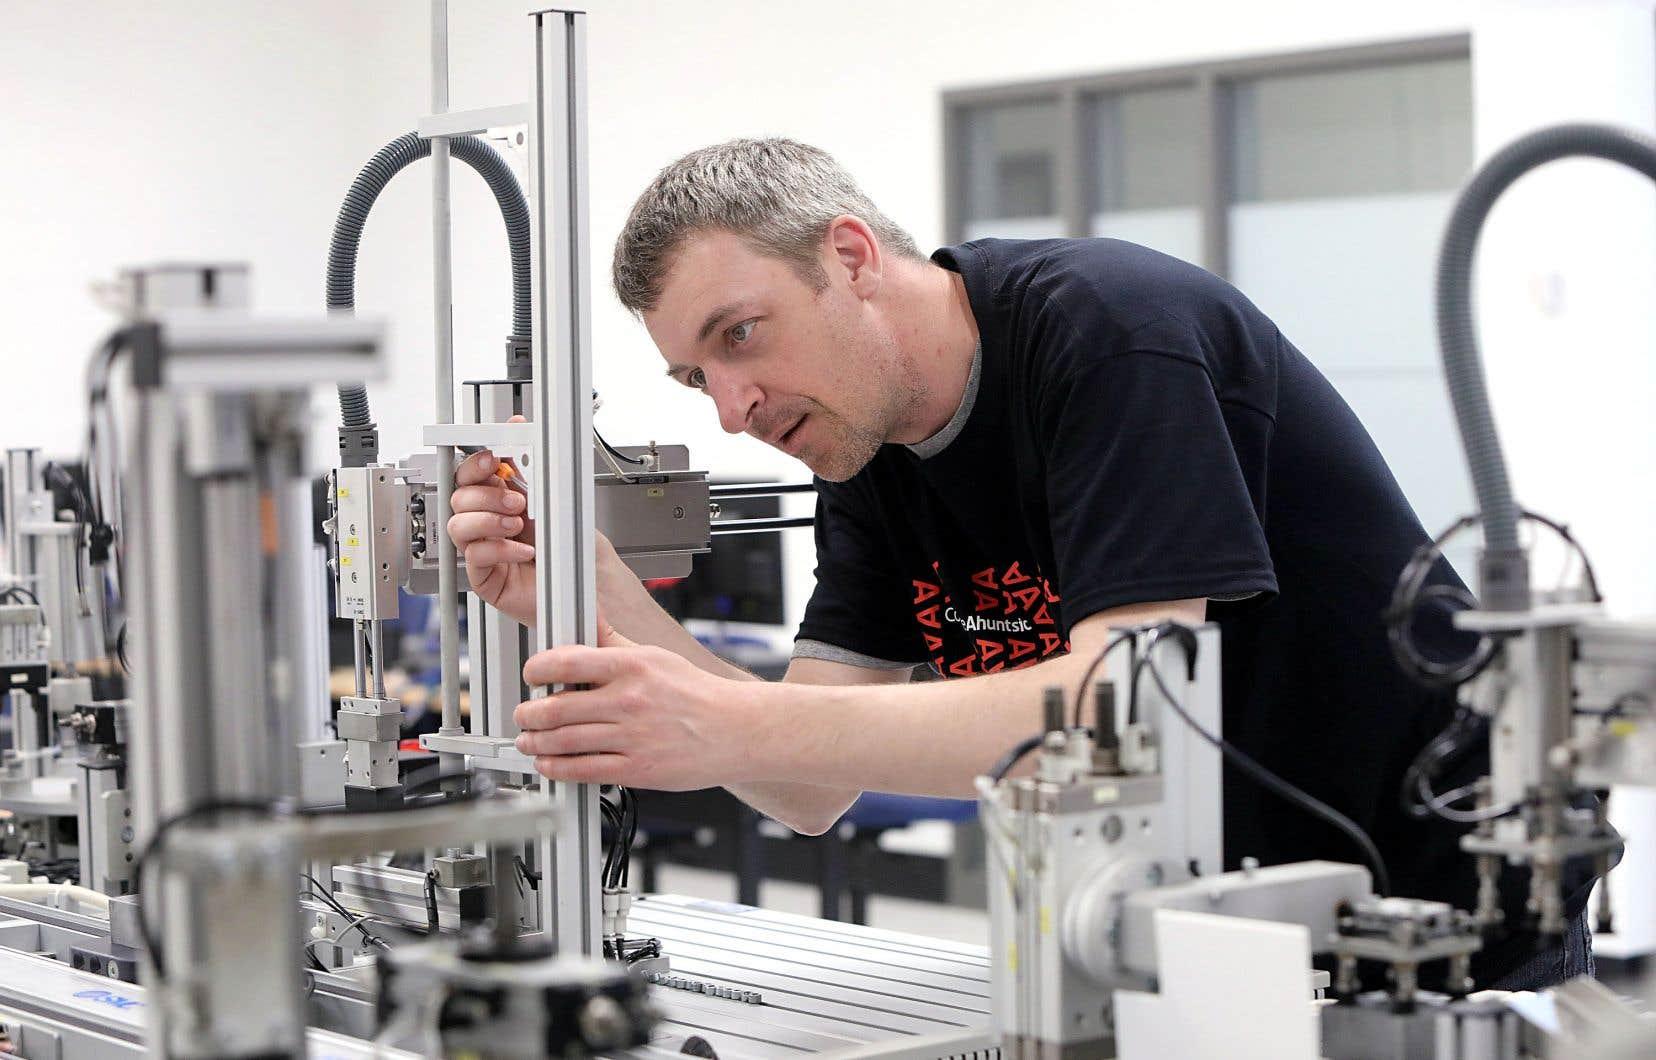 Nicolas Picard, 42ans, a étudié l'informatique au milieu des années 1990 et a travaillé pendant plusieurs années en soutien technique à une époque où les ordinateurs se faisaient plus rares.